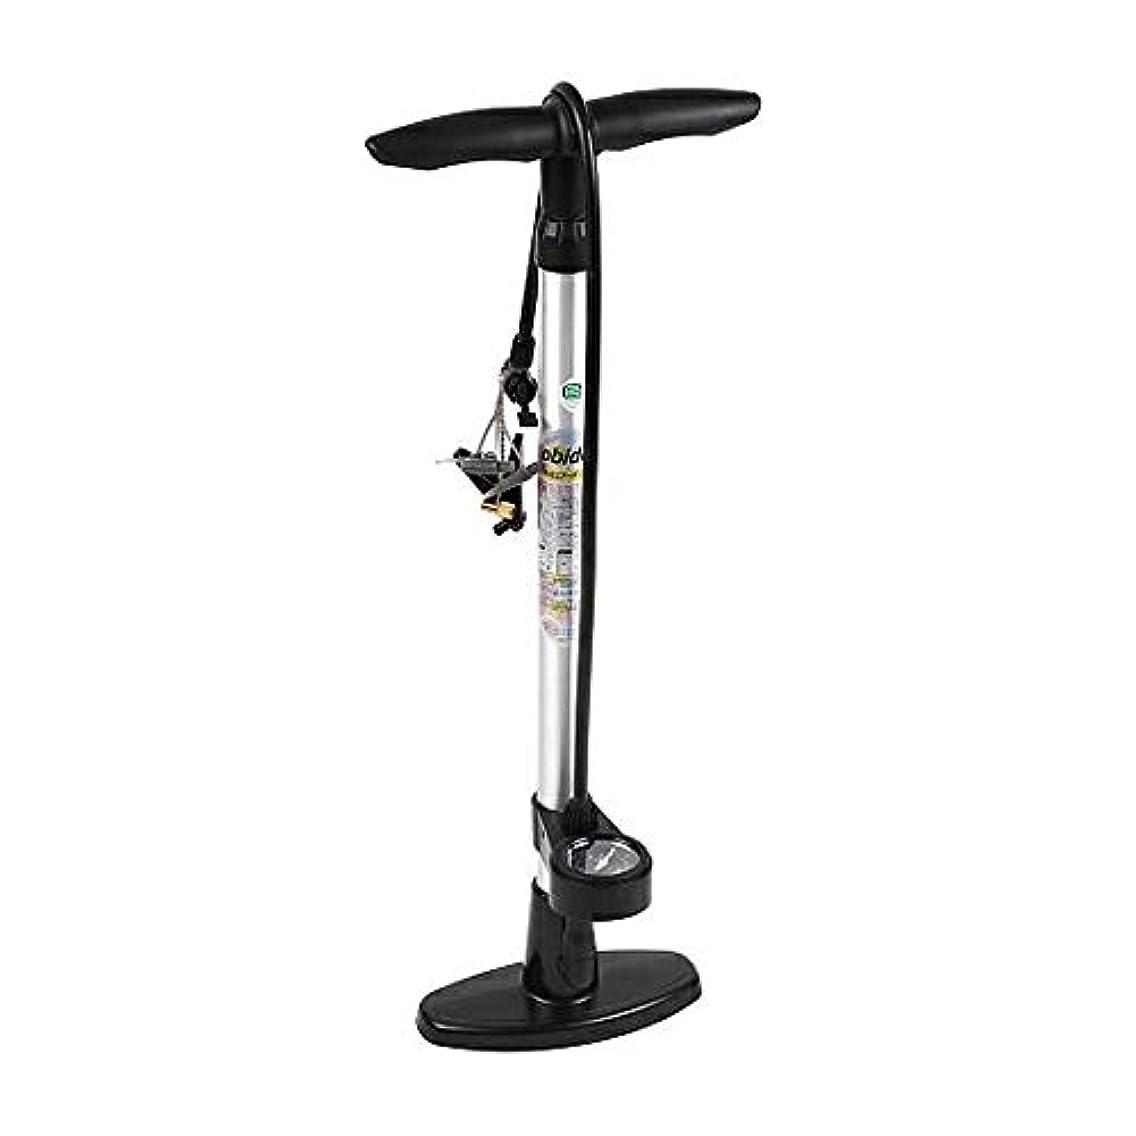 身元たるみサイクルオリンパス(OLYMPUS) 自転車 空気入れ アルミ製 ゲージ付き フロアポンプ アルミポンプ 英式 米式 仏式 120psi 自転車空気入れ 空気圧ゲージ 圧力ゲージ付 OC-223A